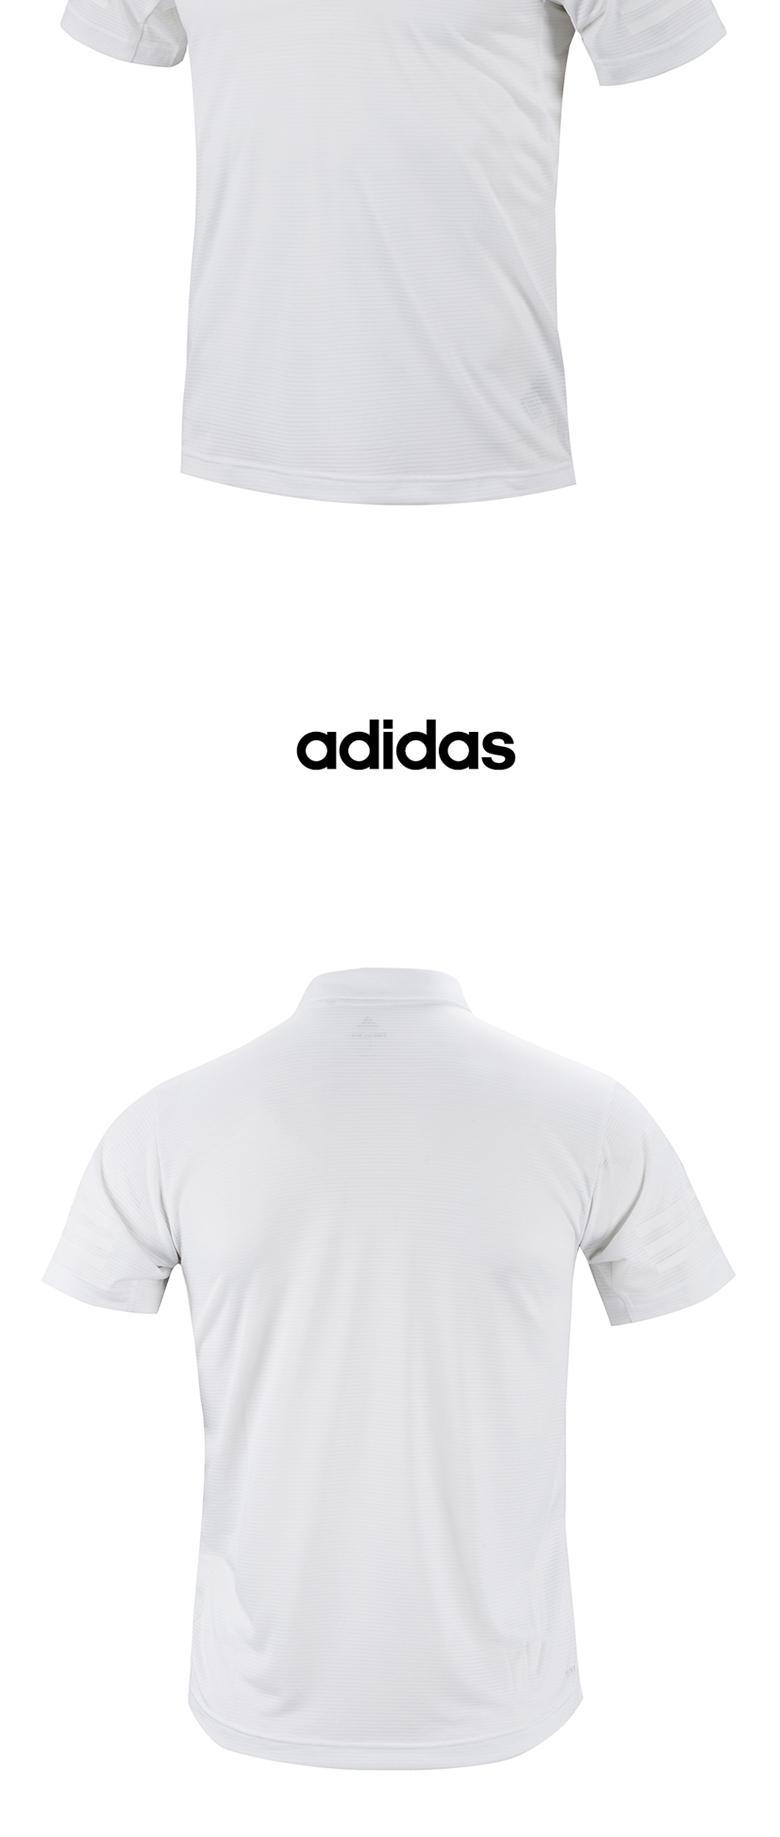 아디다스 클라이마쿨 폴로 반팔티(CW3931) 티셔츠 운동티셔츠 스포츠티셔츠 반팔티셔츠 남성티셔츠 남성카라반팔티셔츠 남성운동티셔츠 남성스포츠티셔츠 남자반팔티셔츠 남자운동티셔츠